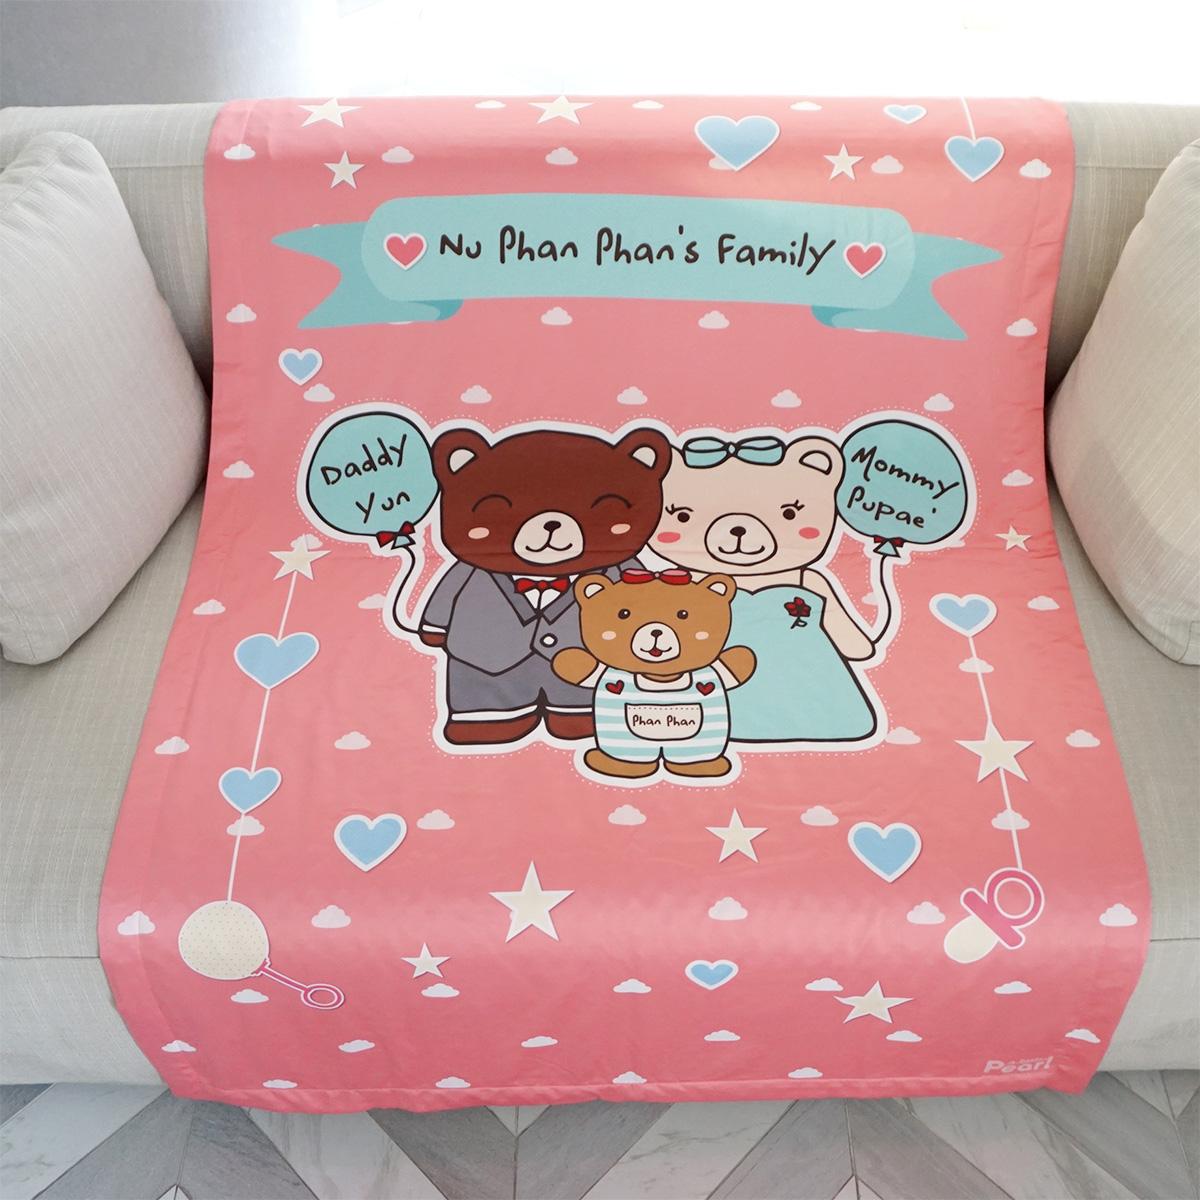 ผ้าห่มเด็ก ใส่ชื่อ ลายครอบครัวหมี Teddy's Family - Pink / ไซส์ใหญ่ 100x150cm